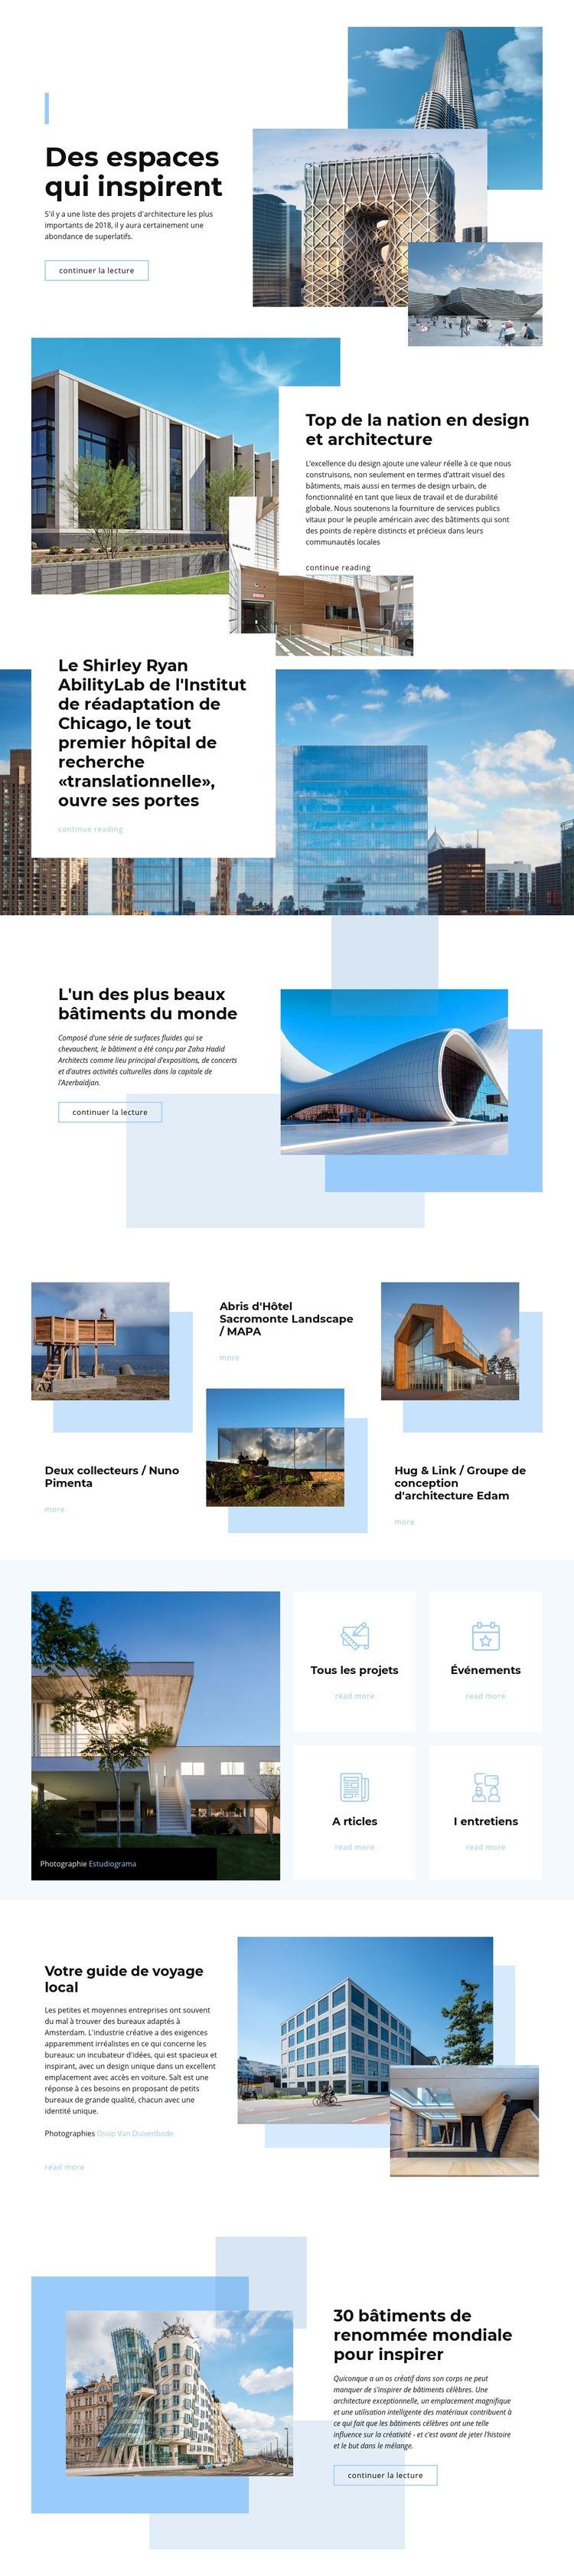 Des espaces qui inspirent Modèle de site Web